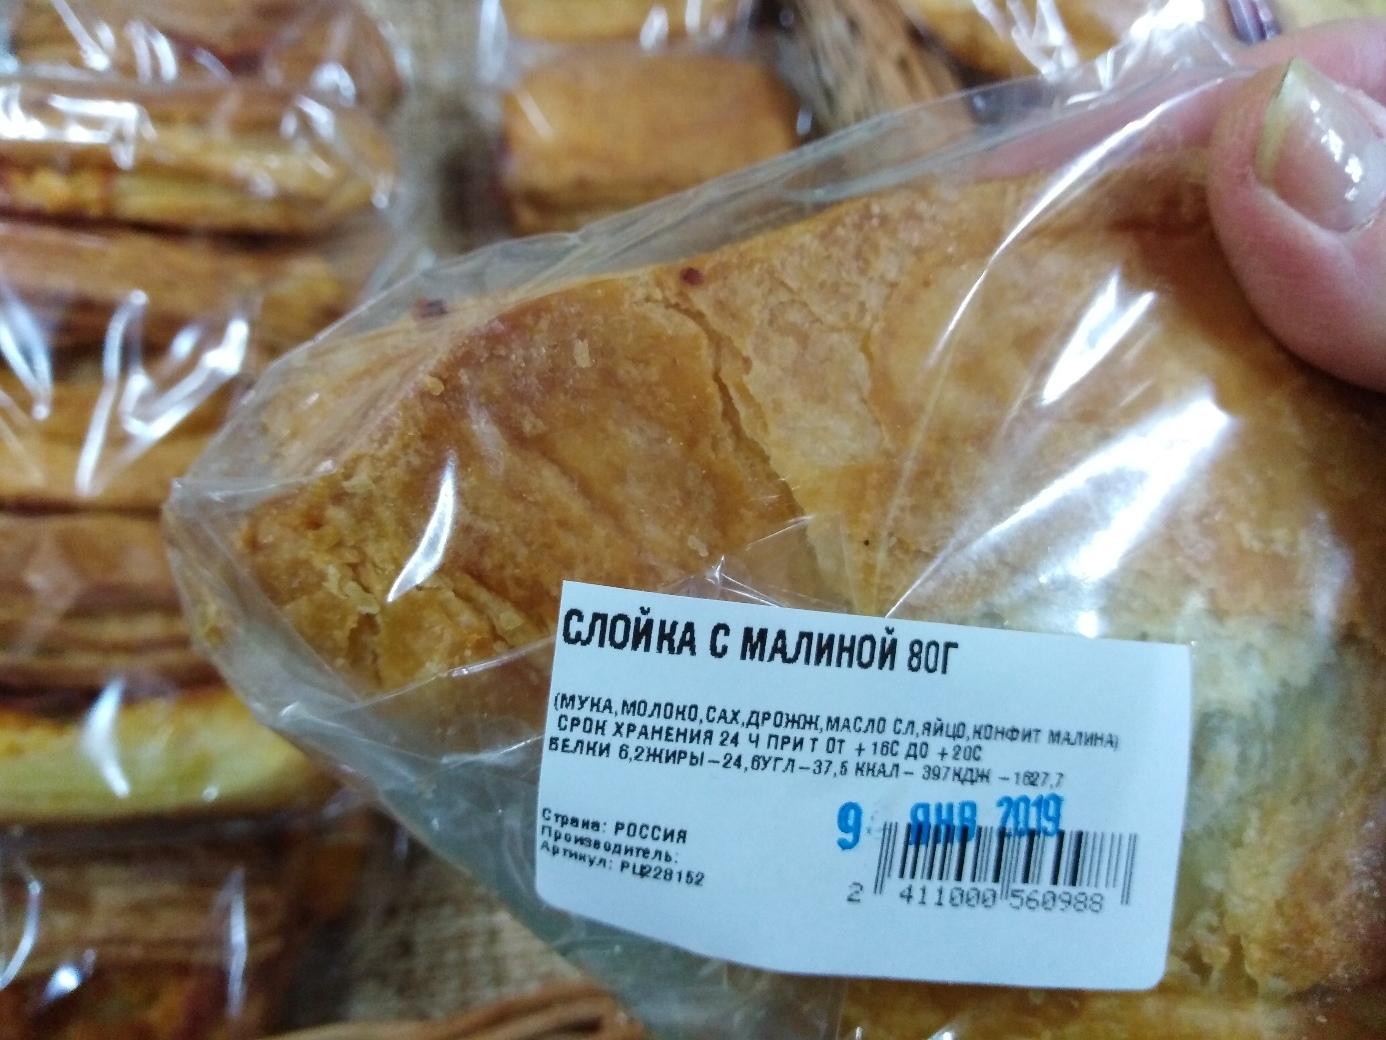 В Рыбинске покупатели нашли на прилавке магазина слойки из будущего